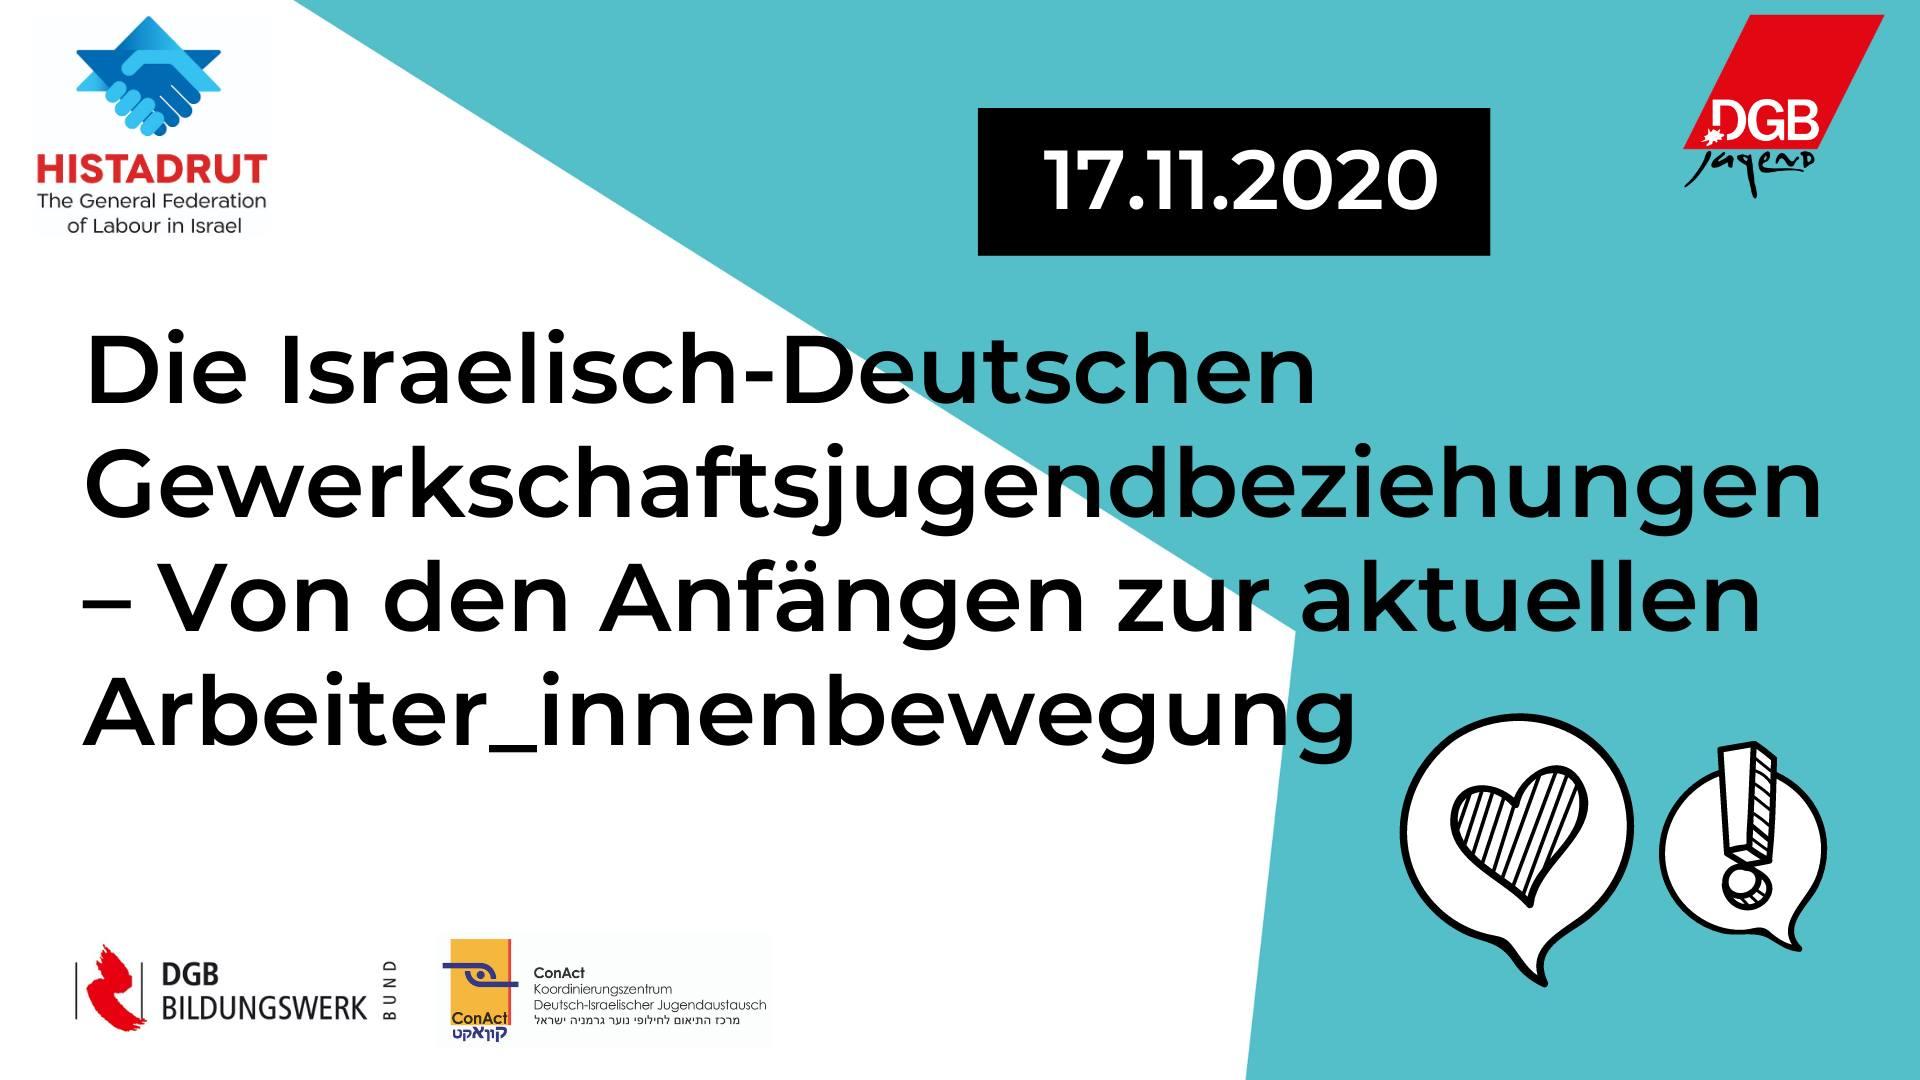 Israel Digital: Die Israelisch-Deutschen Gewerkschaftsjugendbeziehungen – Von den Anfängen zur Aktuellen Arbeiter_innenbewegung